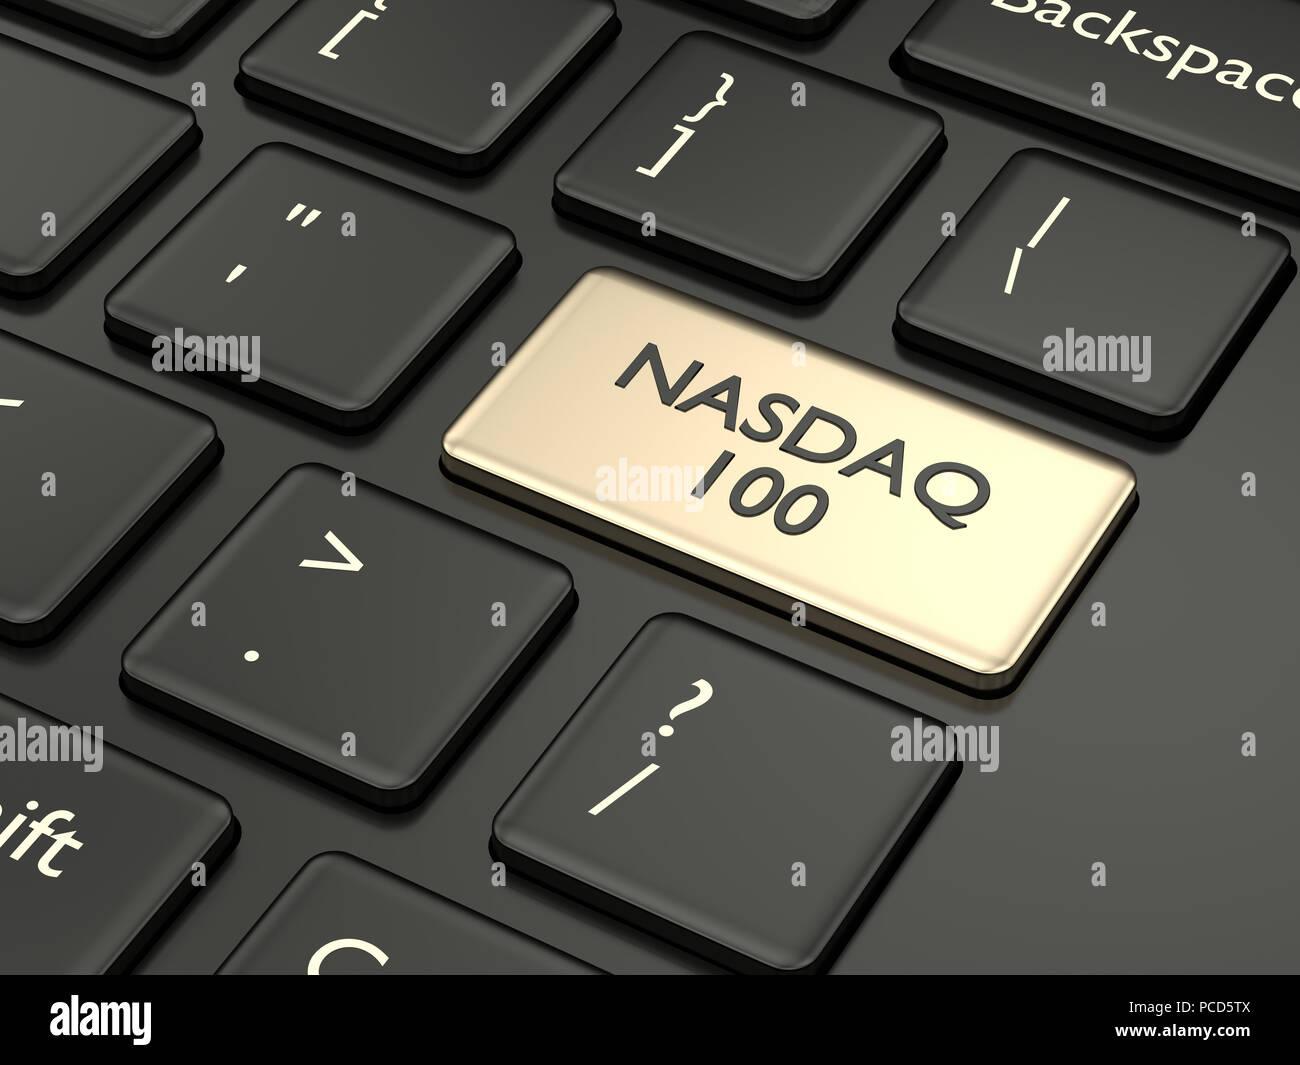 3D render closeup della tastiera del computer con NASDAQ 100 Pulsante index. Il mercato azionario indici concetto. Foto Stock